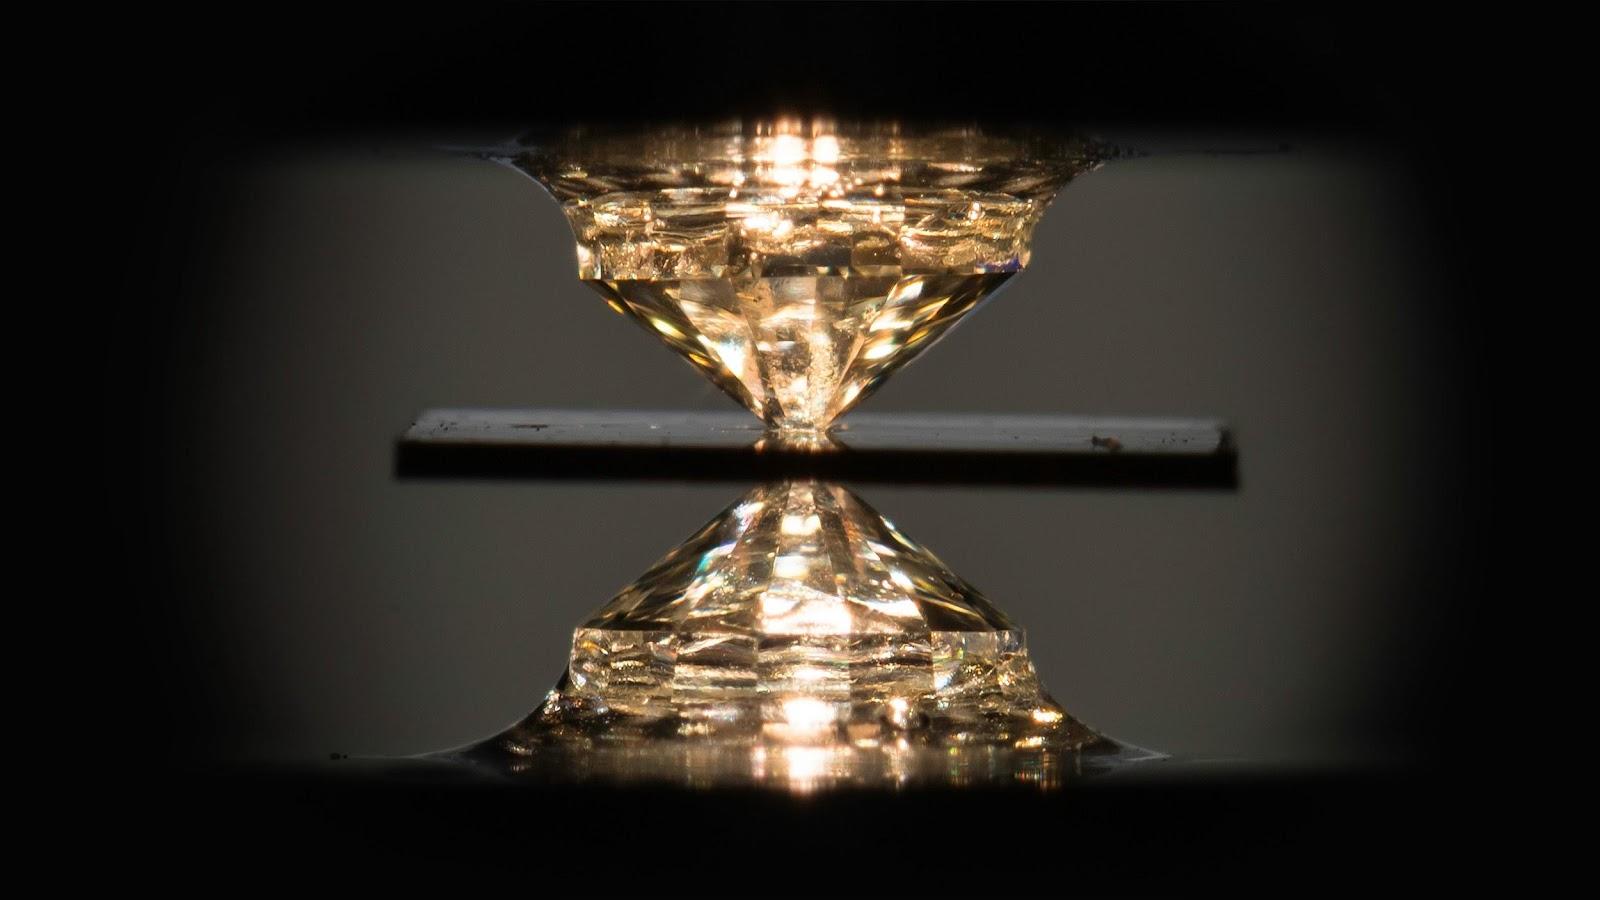 Чтобы оказать давление на лабораторные образцы, использовалась камера высокого давления с алмазными наковальнями. Водород окружается тонким листом из металлической фольги, и эта конструкция фиксируется между двумя алмазными наковальнями, после чего на образец оказывается давление. Изображение J. Adam Fenster / Университет Рочестера.